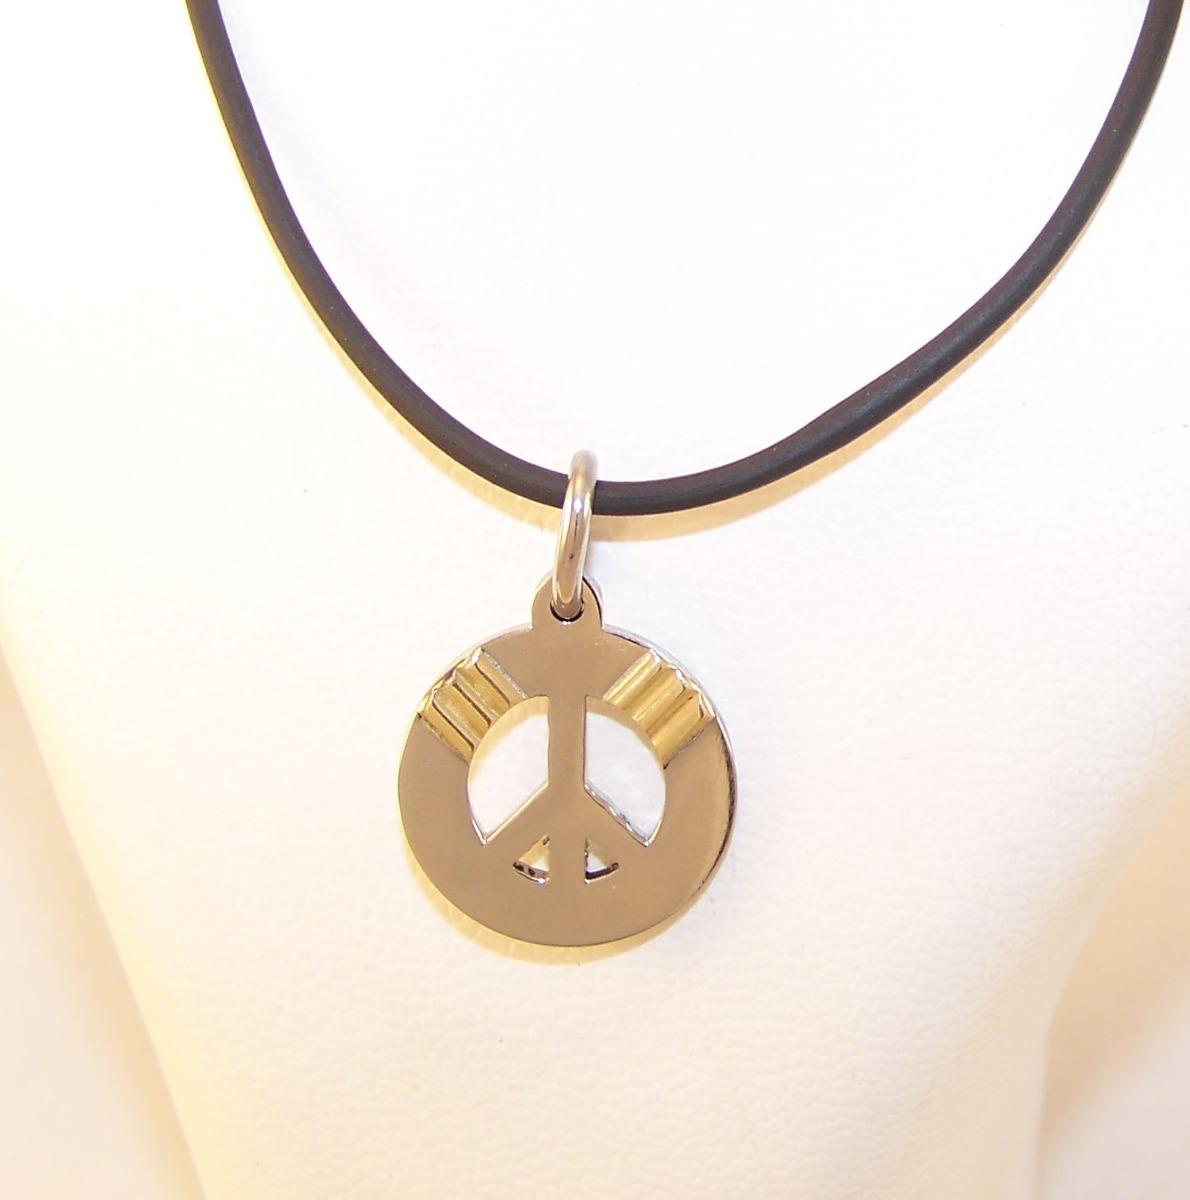 b19bbc68dedb dije acero quirurgico con oro simbolo paz. Cargando zoom.